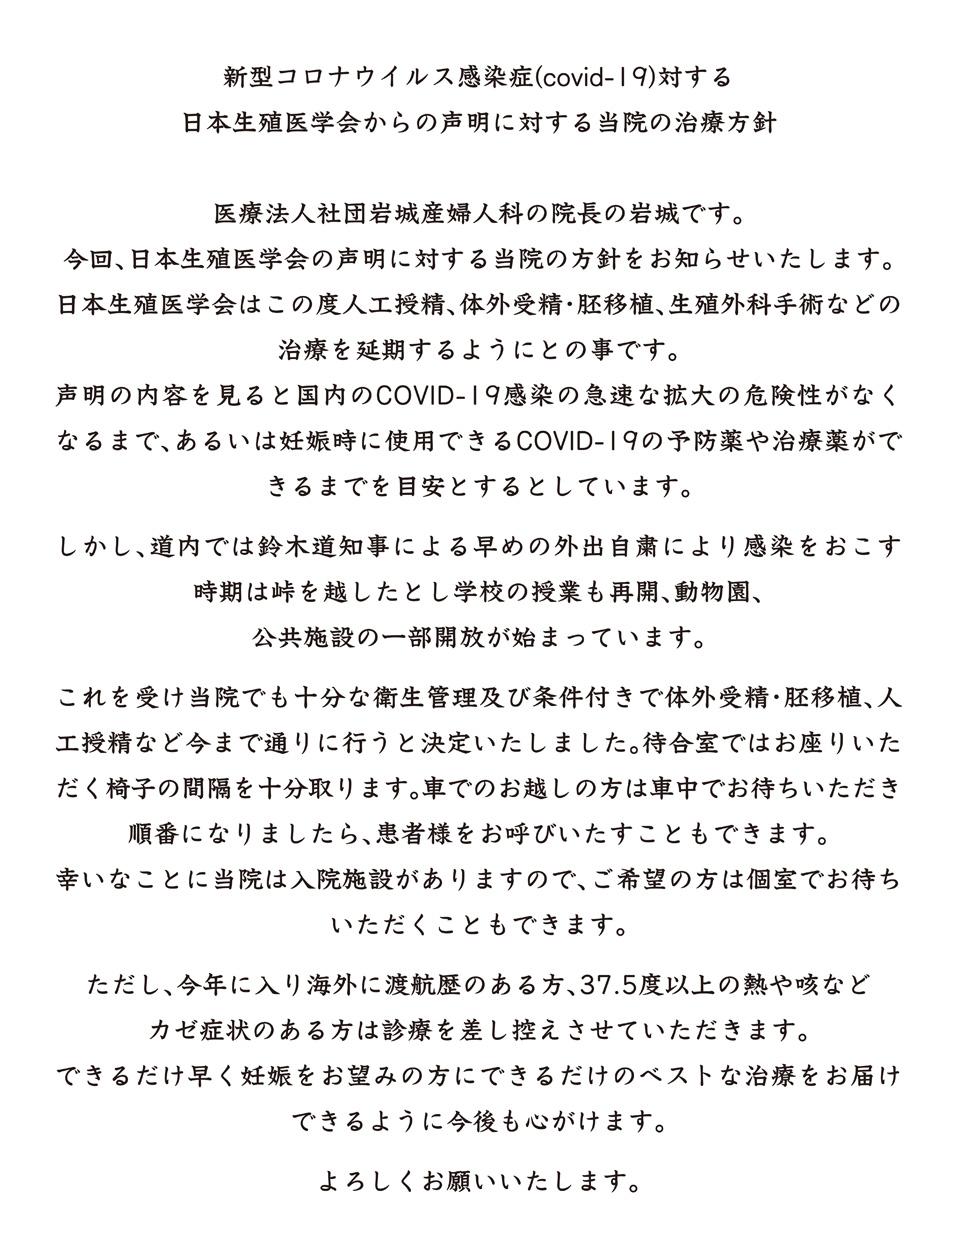 新型コロナウイルス感染症対する日本生殖医学会からの声明に対する当院の治療方針